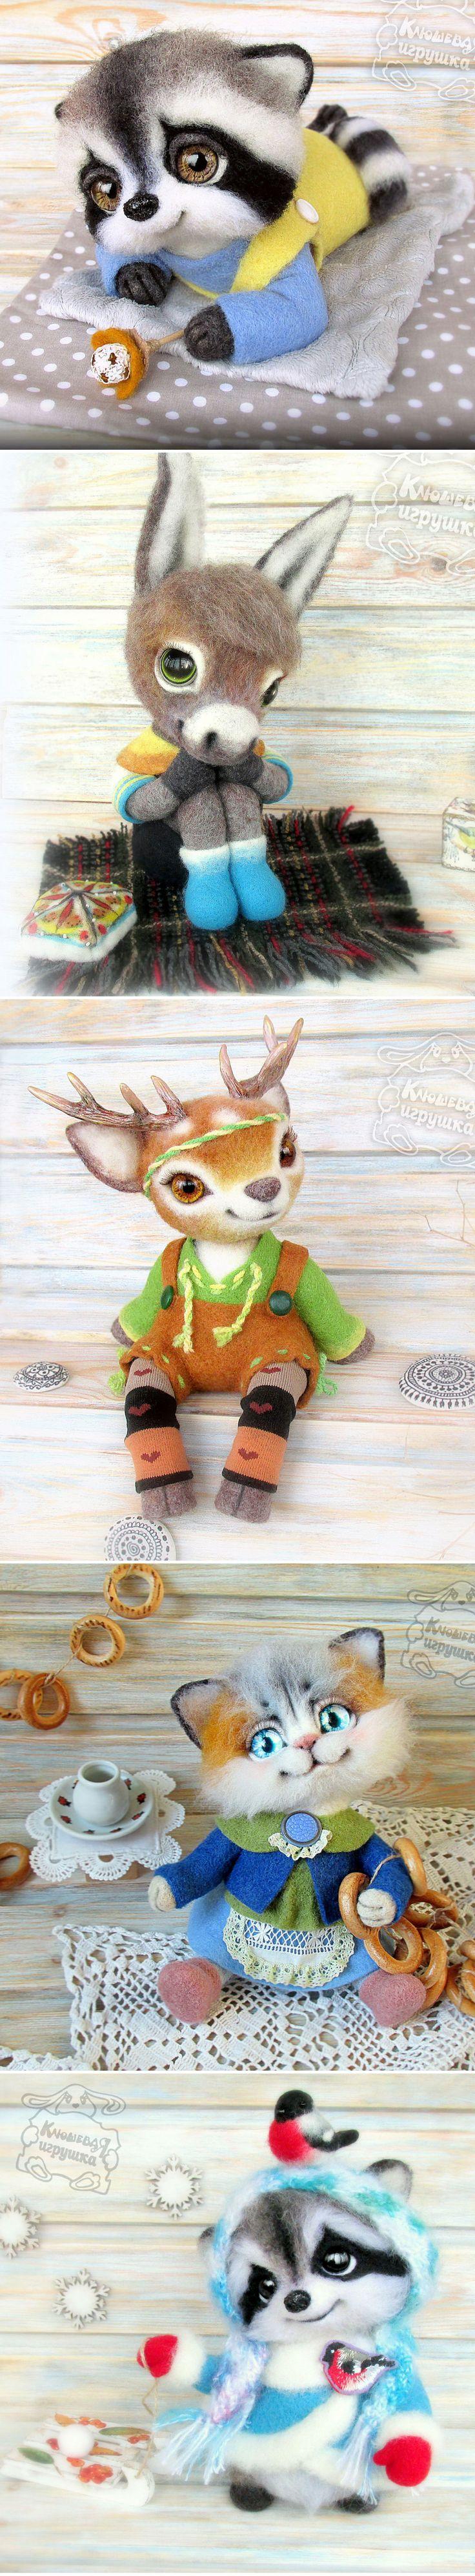 Felted Toys | Валяные игрушки в магазине Светланы Клюшевой — Купить, заказать, игрушка, валяние, валяный, енот, ослик, котик, котенок, кот, ручная работа